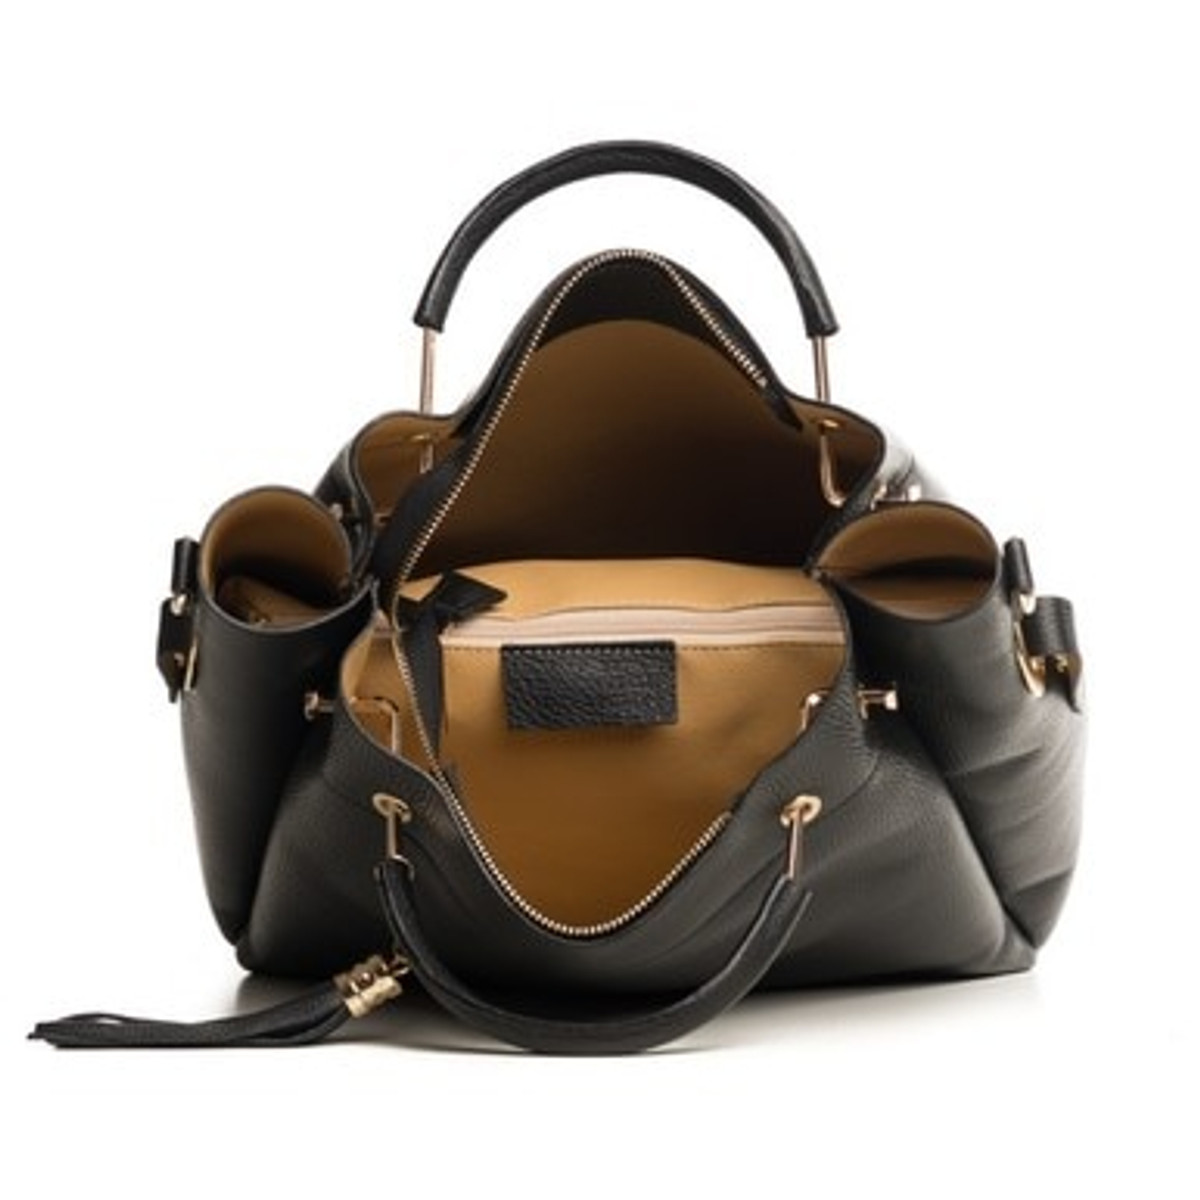 Lia Biassoni Nozza handbag